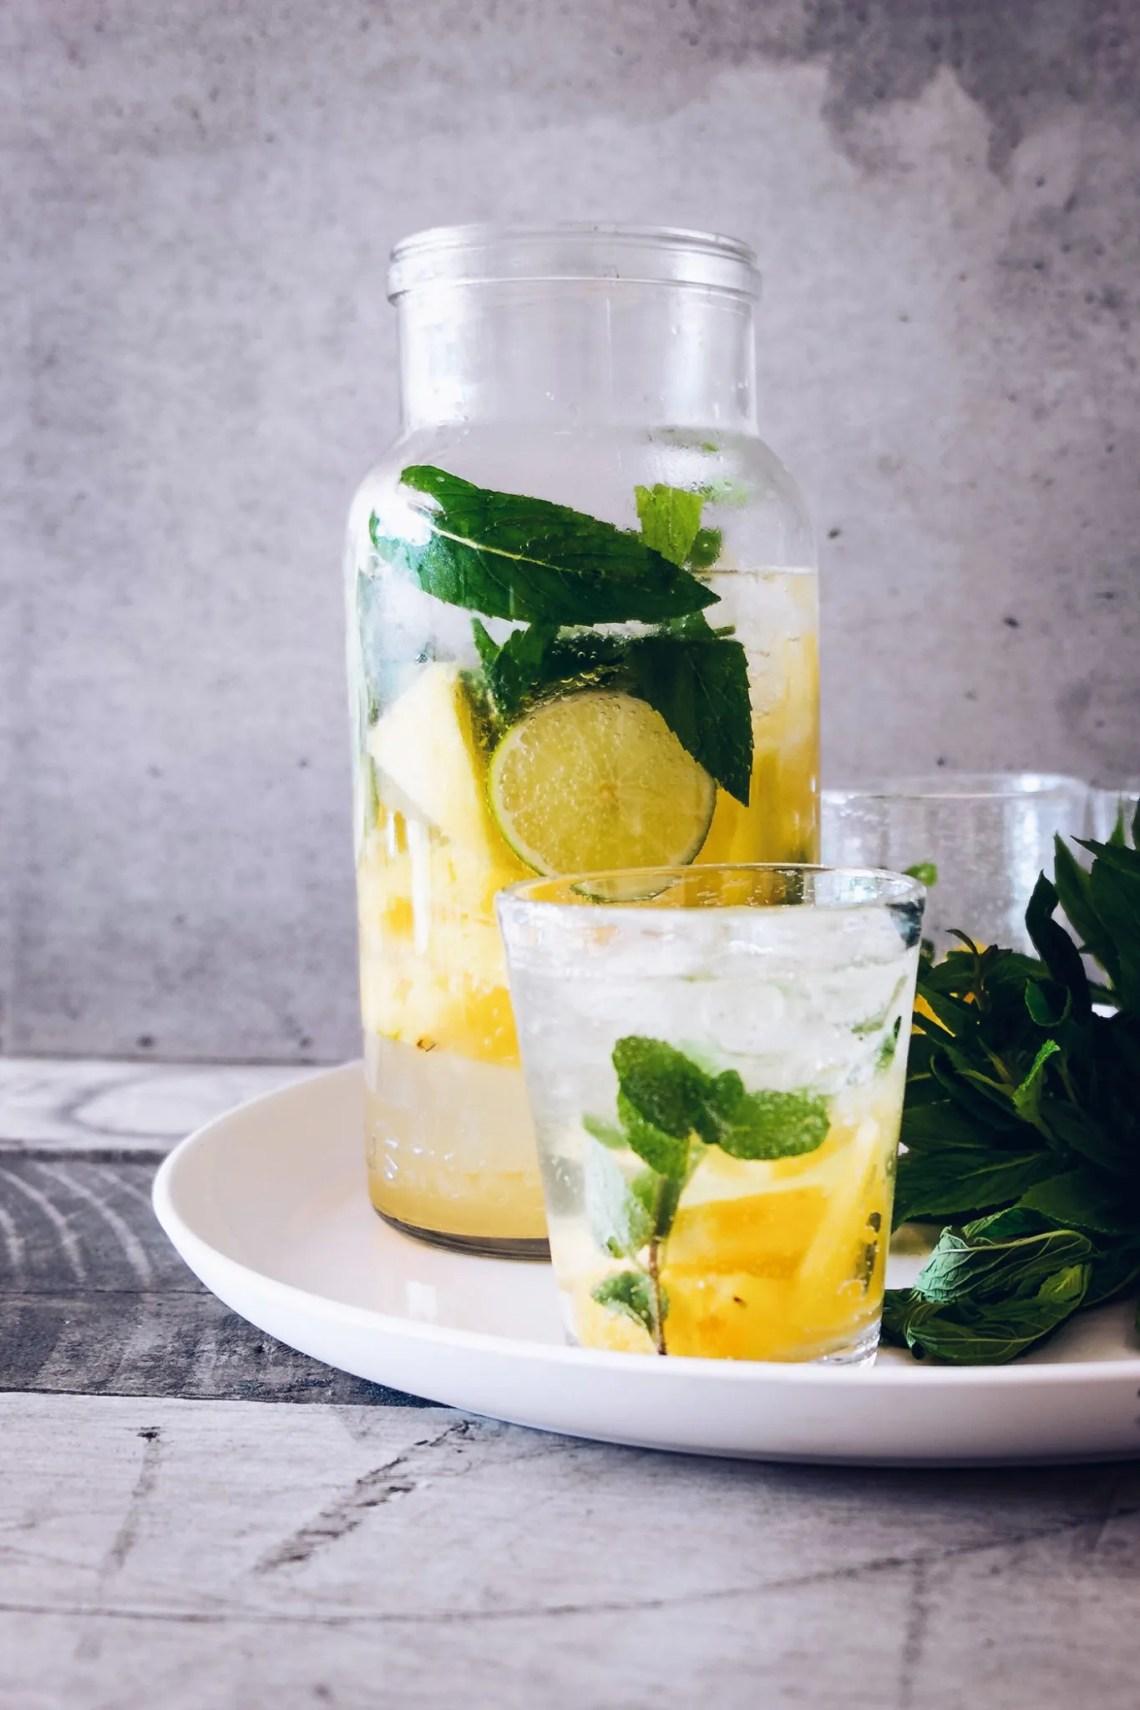 rimedi naturali contro le zanzare - aceto e limone - barbecue palazzetti